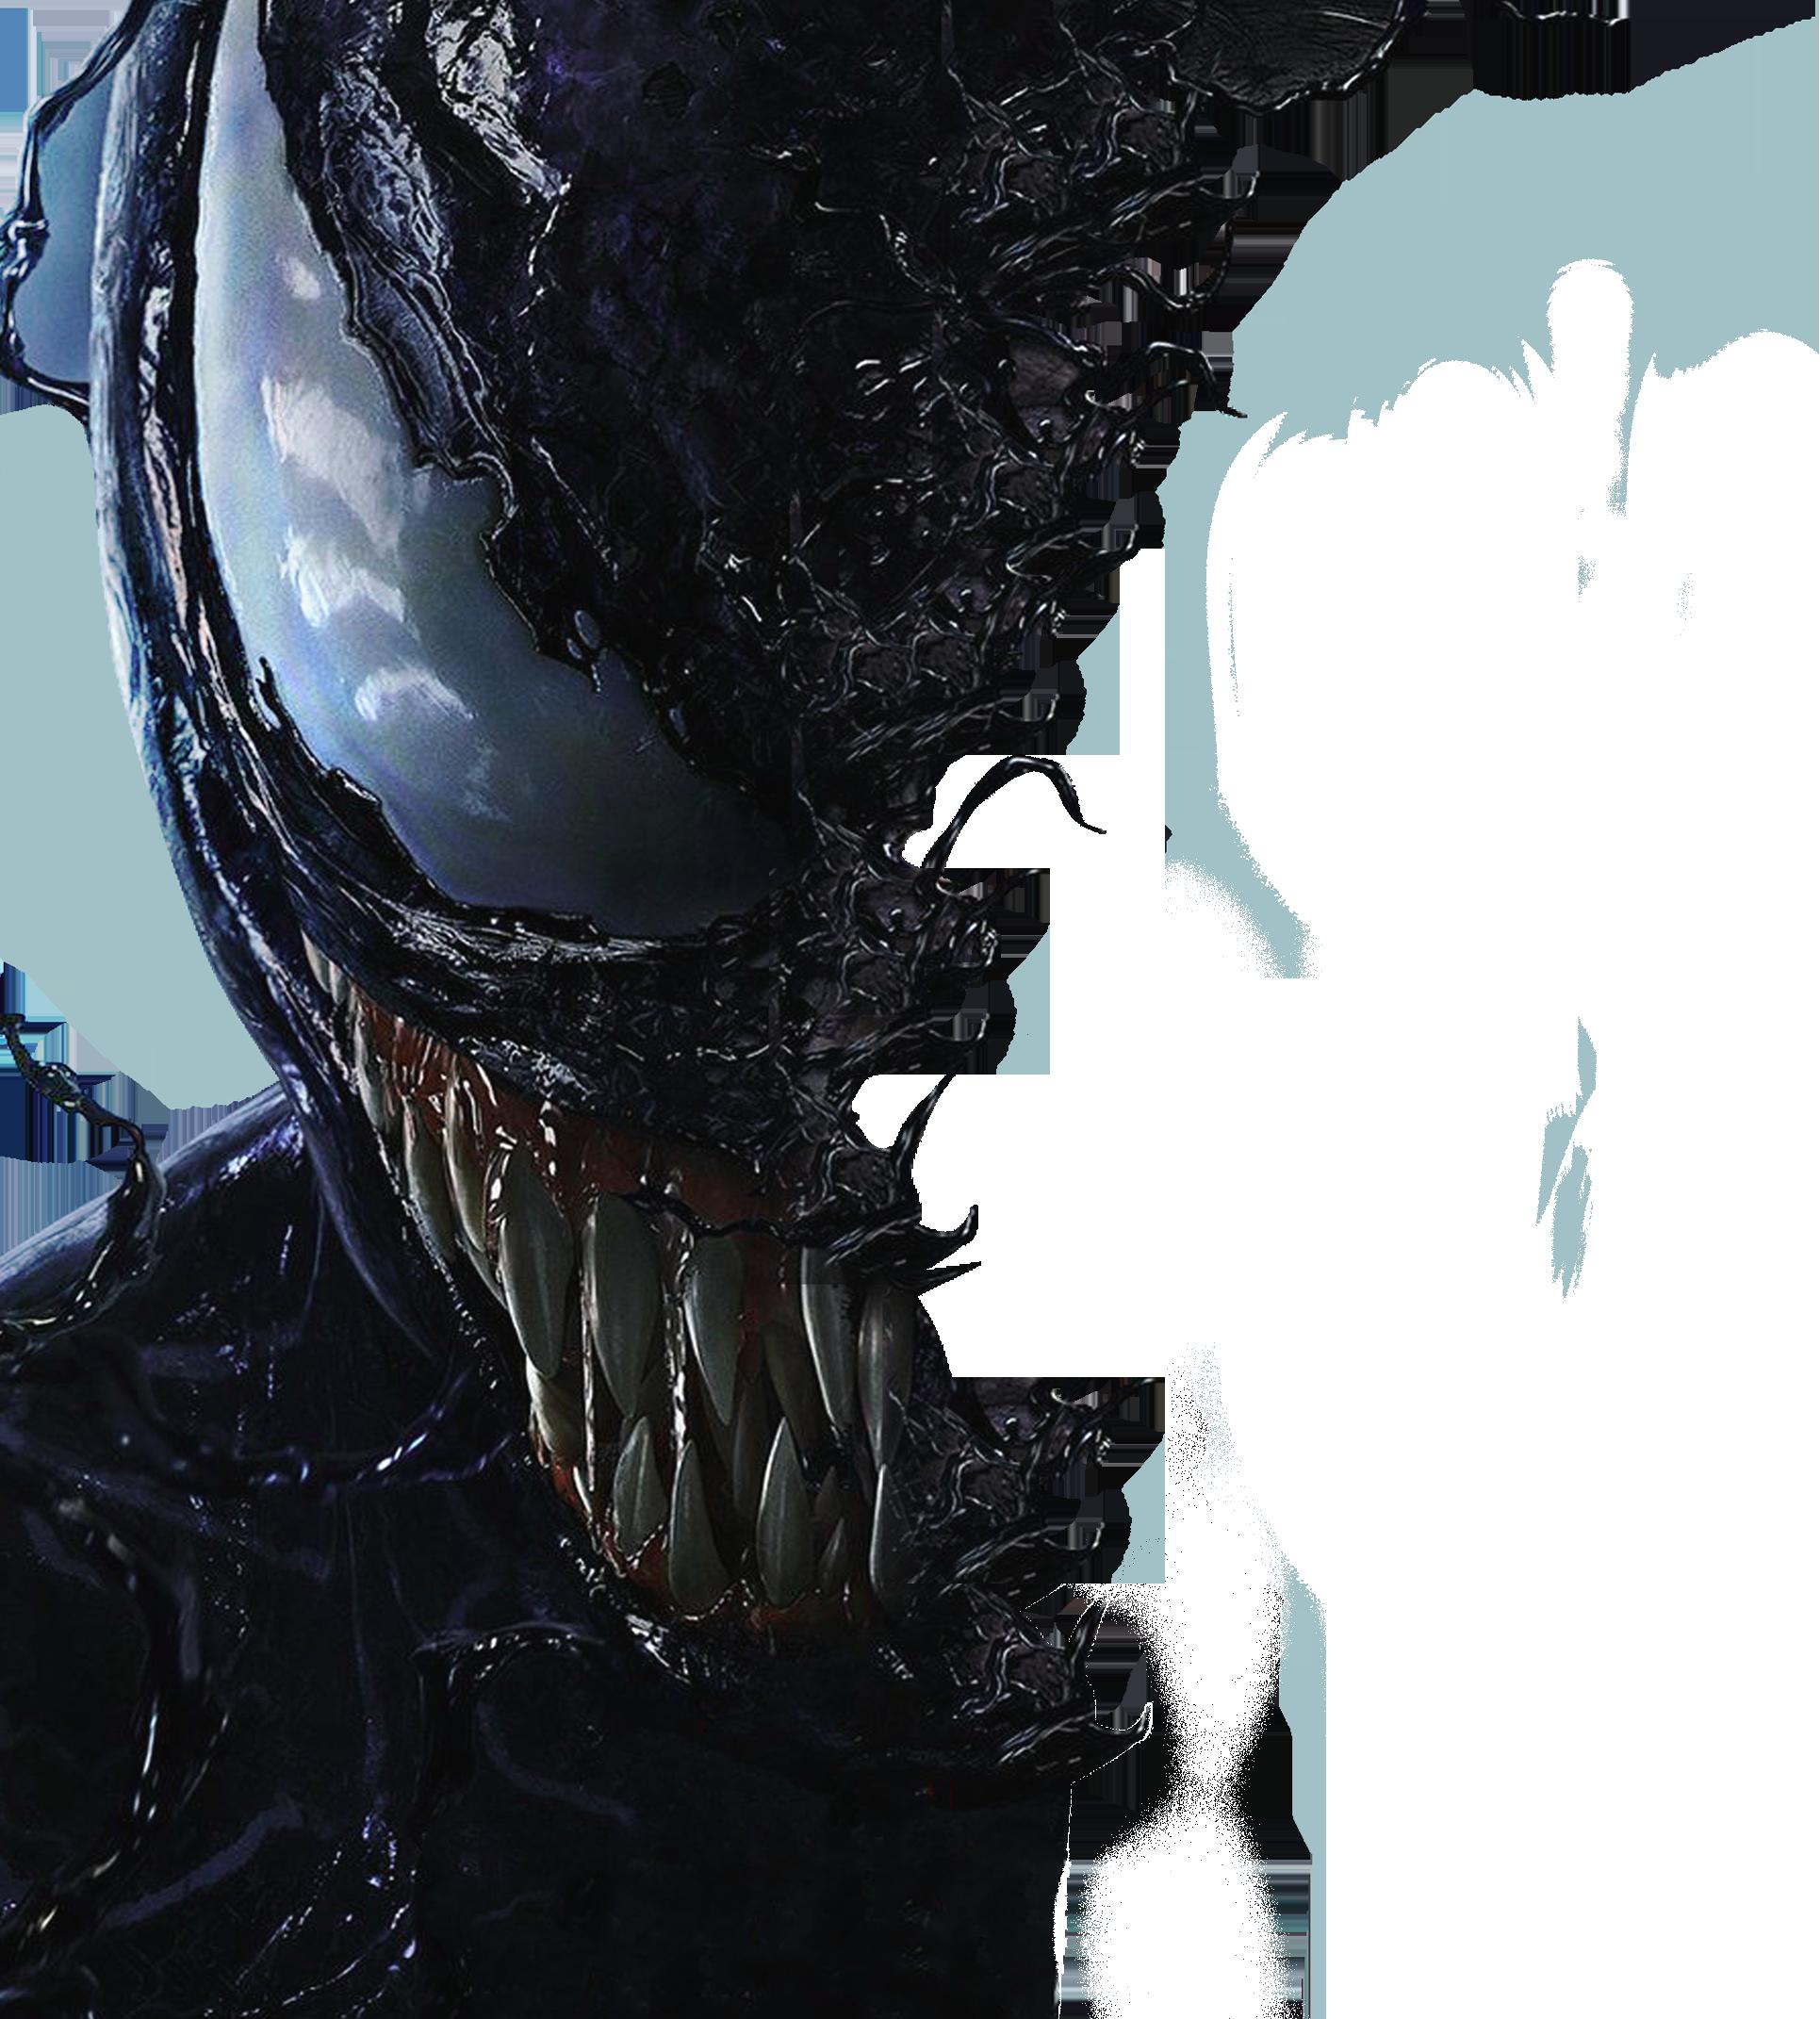 venom face png,venom mask png,PicsartAllPng.com).